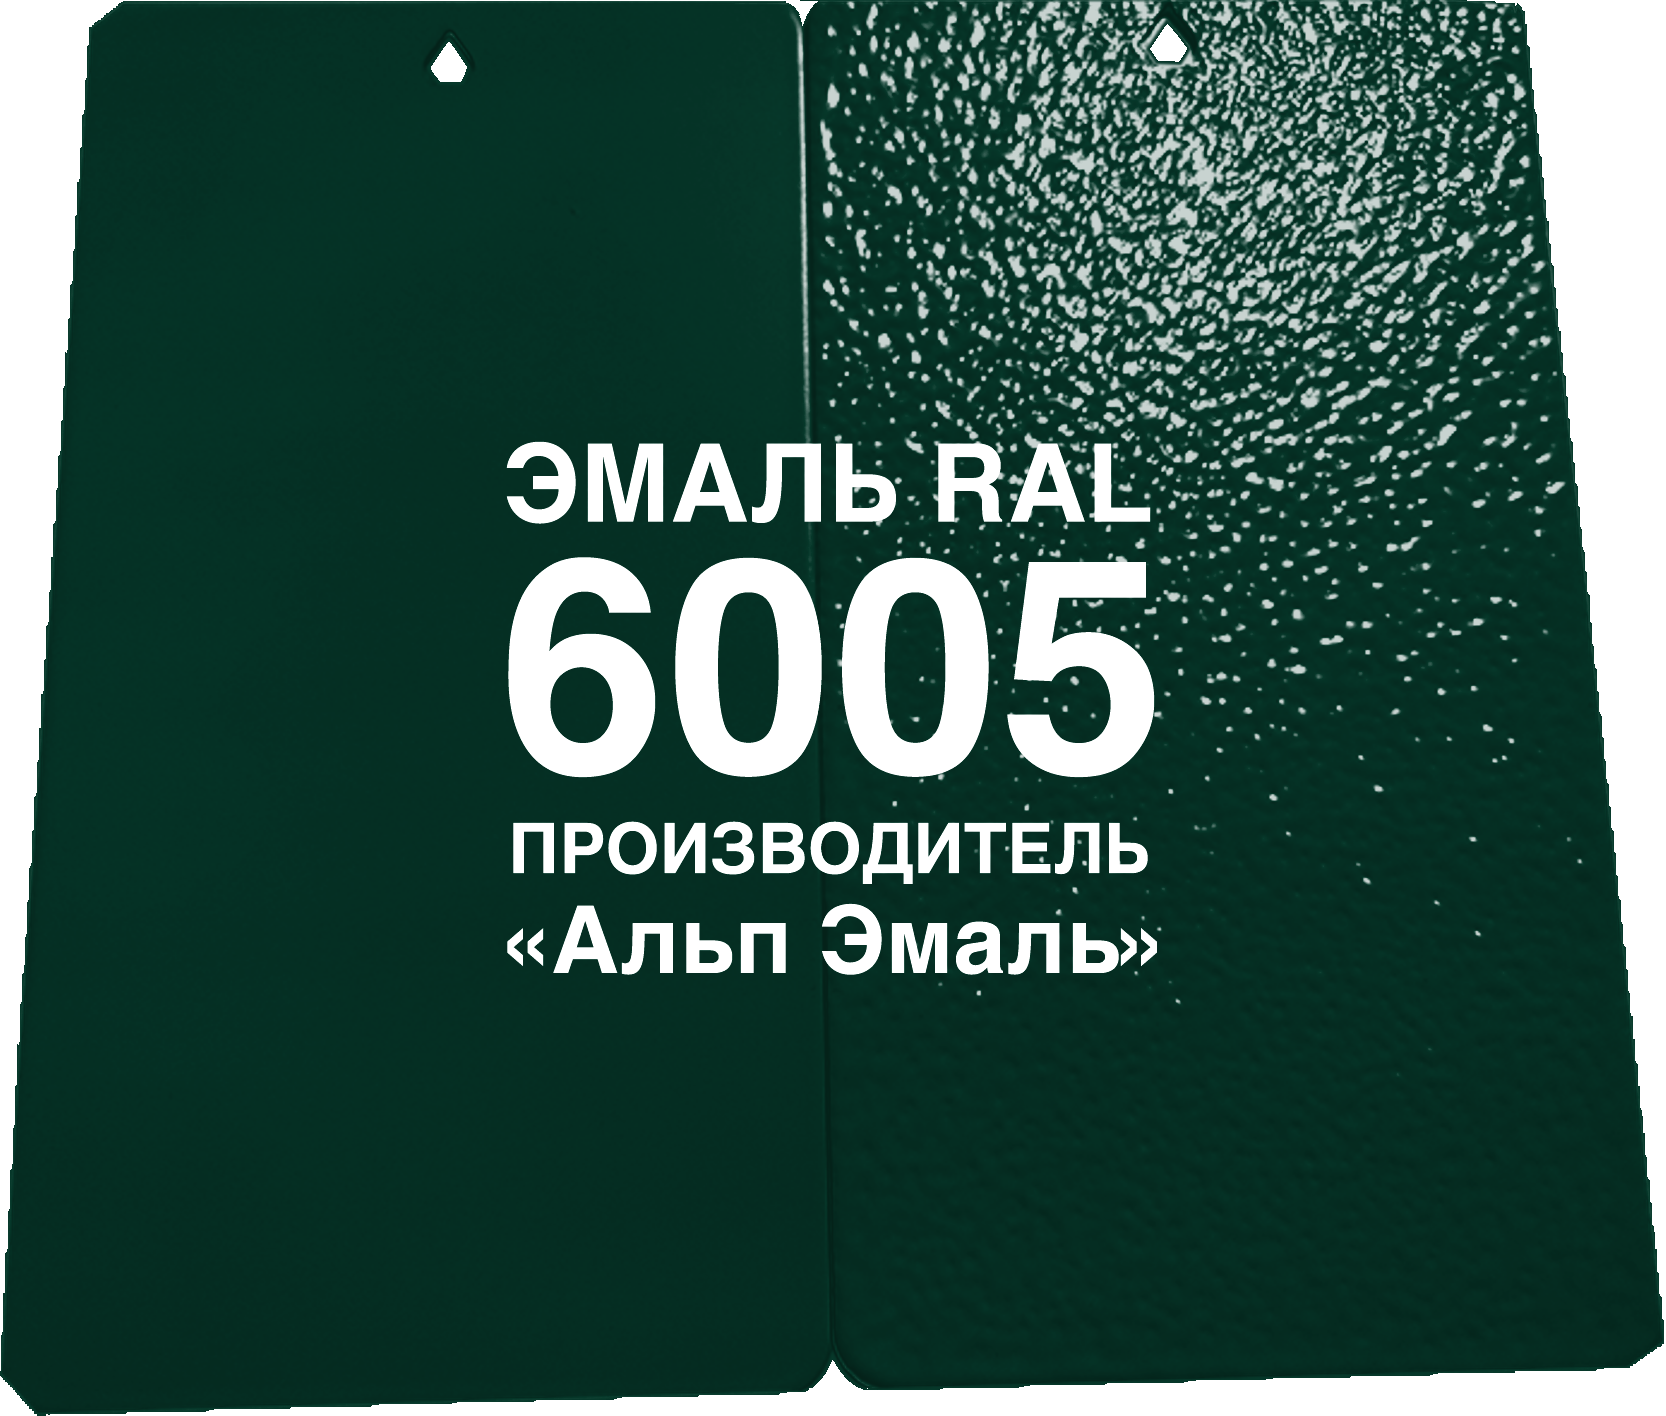 Краска эмаль RAL 6005 зеленая ЗАО Альп Эмаль